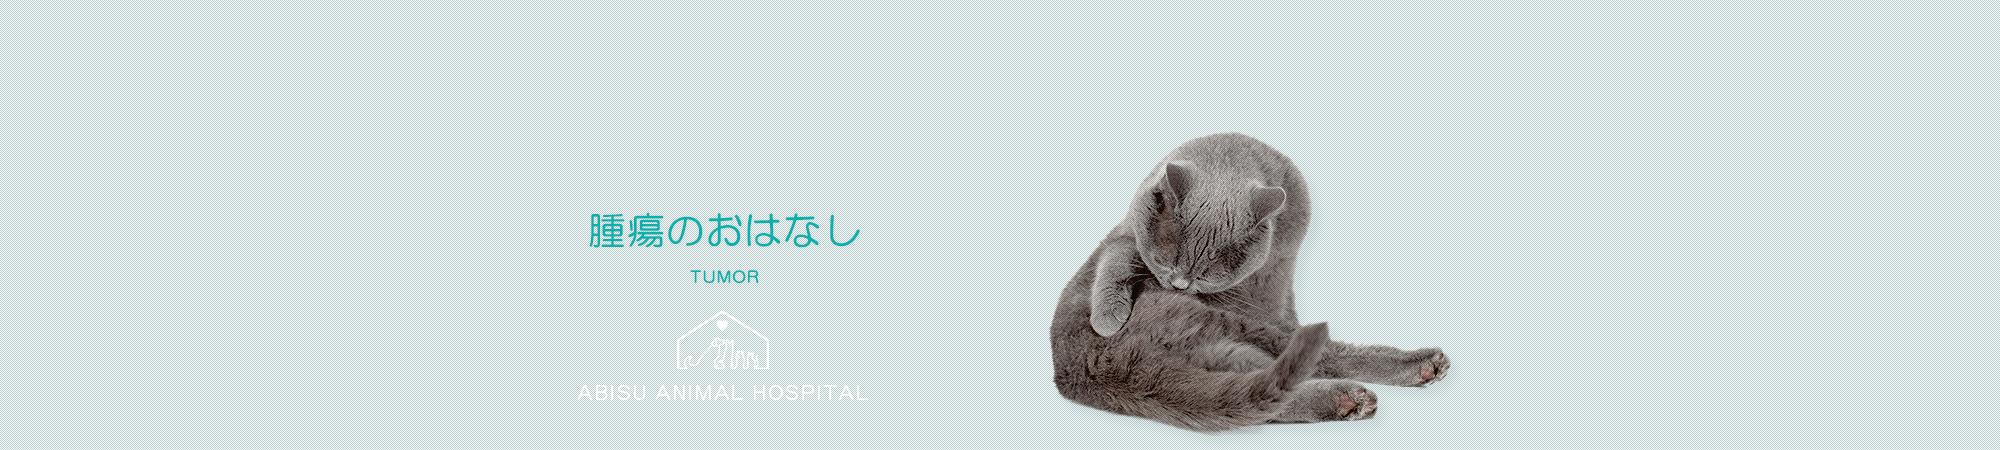 腫瘍のおはなし